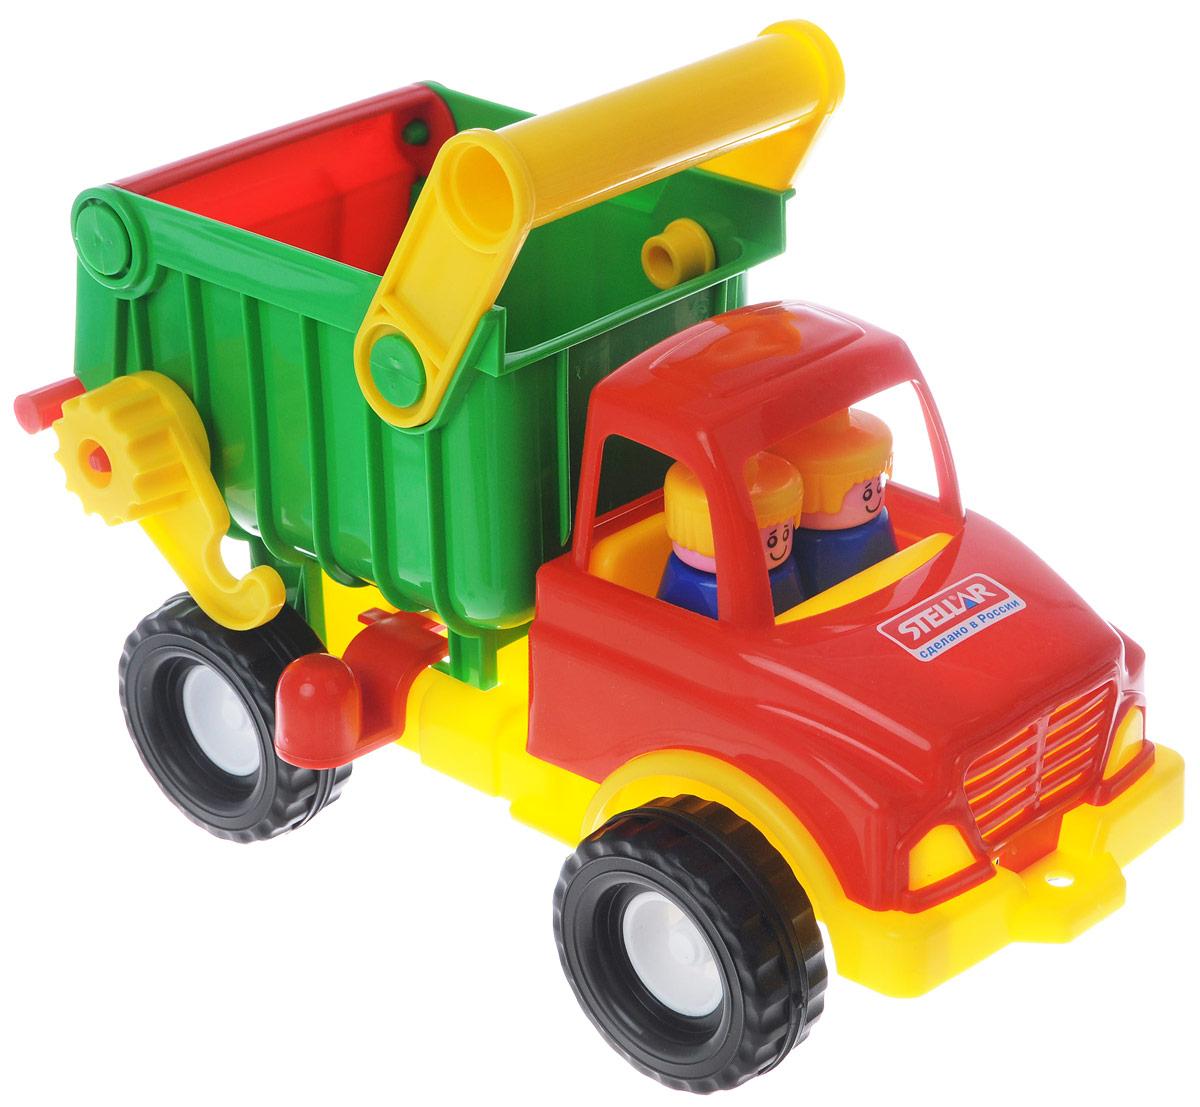 Stellar Грузовик цвет красный зеленый желтый1401_красный, зеленый, желтыйГрузовик-самосвал Stellar отлично подойдет ребенку для различных игр. Вместительный кузов машины поднимается и опускается, задняя стенка кузова открывается. В кабине без стекол находятся две фигурки. Большие ребристые колеса обеспечивают машине устойчивость и хорошую проходимость. А еще машину можно возить за веревочку - для этого предусмотрено отверстие на бампере грузовика. Грузовик выполнен из прочного пластика, который позволяет выдерживать большие нагрузки. Ваш юный строитель сможет прекрасно провести время дома или на улице, подвозя к месту игрушечной стройки необходимые предметы на этом красочном грузовике.